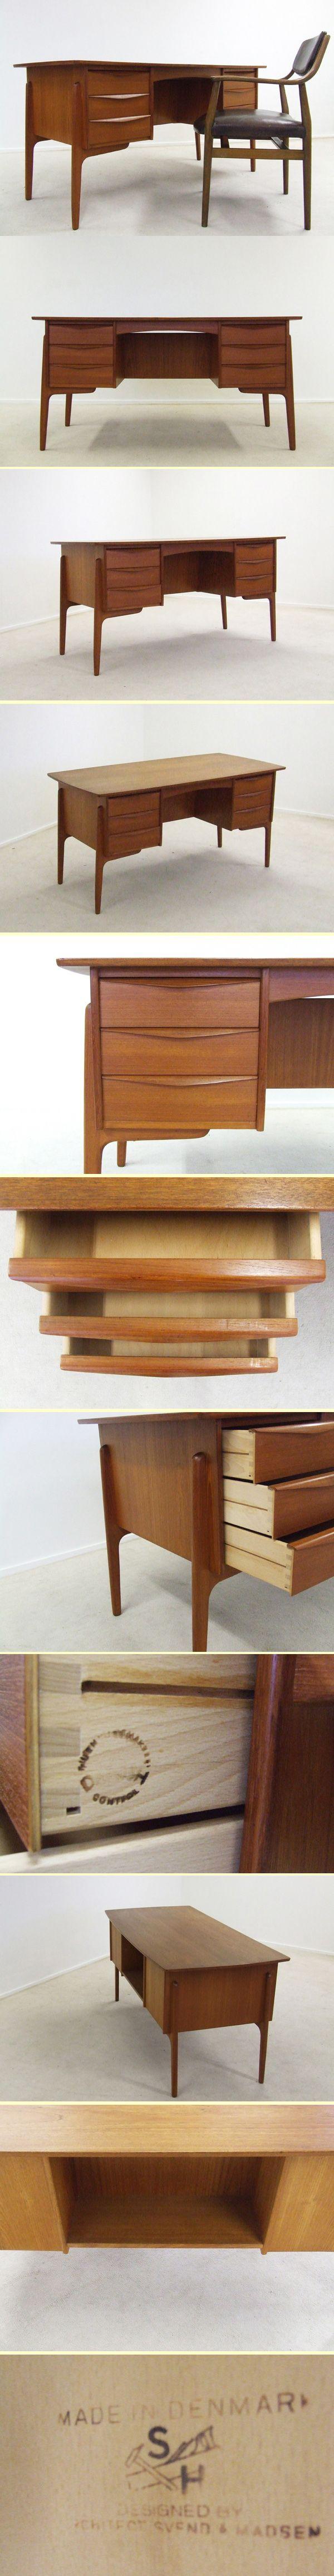 Svend and Madsen teak desk for Sigurd Hansen 4236 Typical danish design desk Designers Svend & Madsen Manufacturer Sigurd Hansen Den…